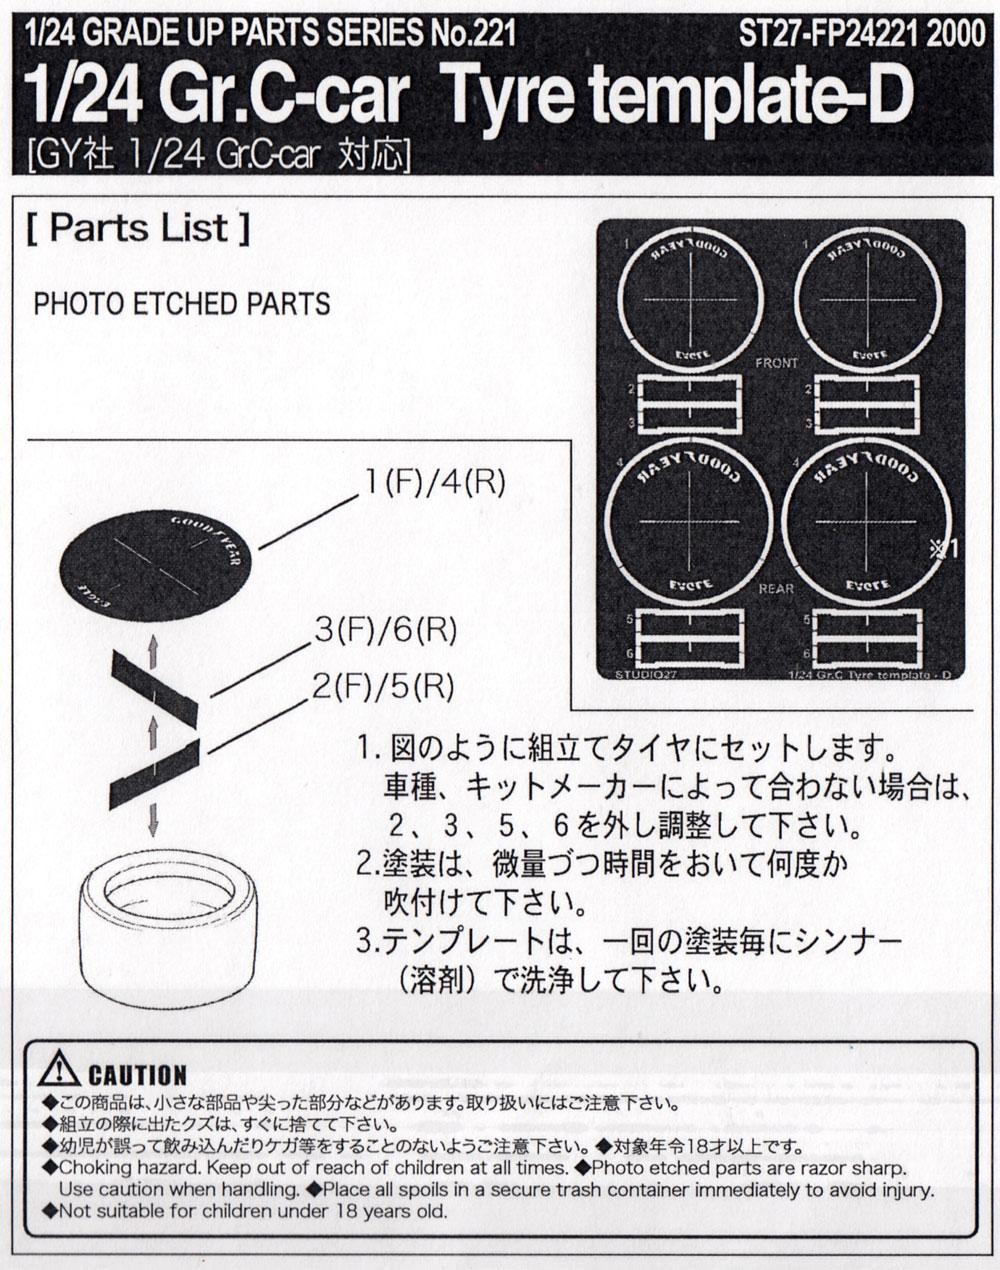 Gr.Cカー タイヤ テンプレート D (グッドイヤー/イーグル)テンプレート(スタジオ27ツーリングカー/GTカー デティールアップパーツNo.FP24221)商品画像_1